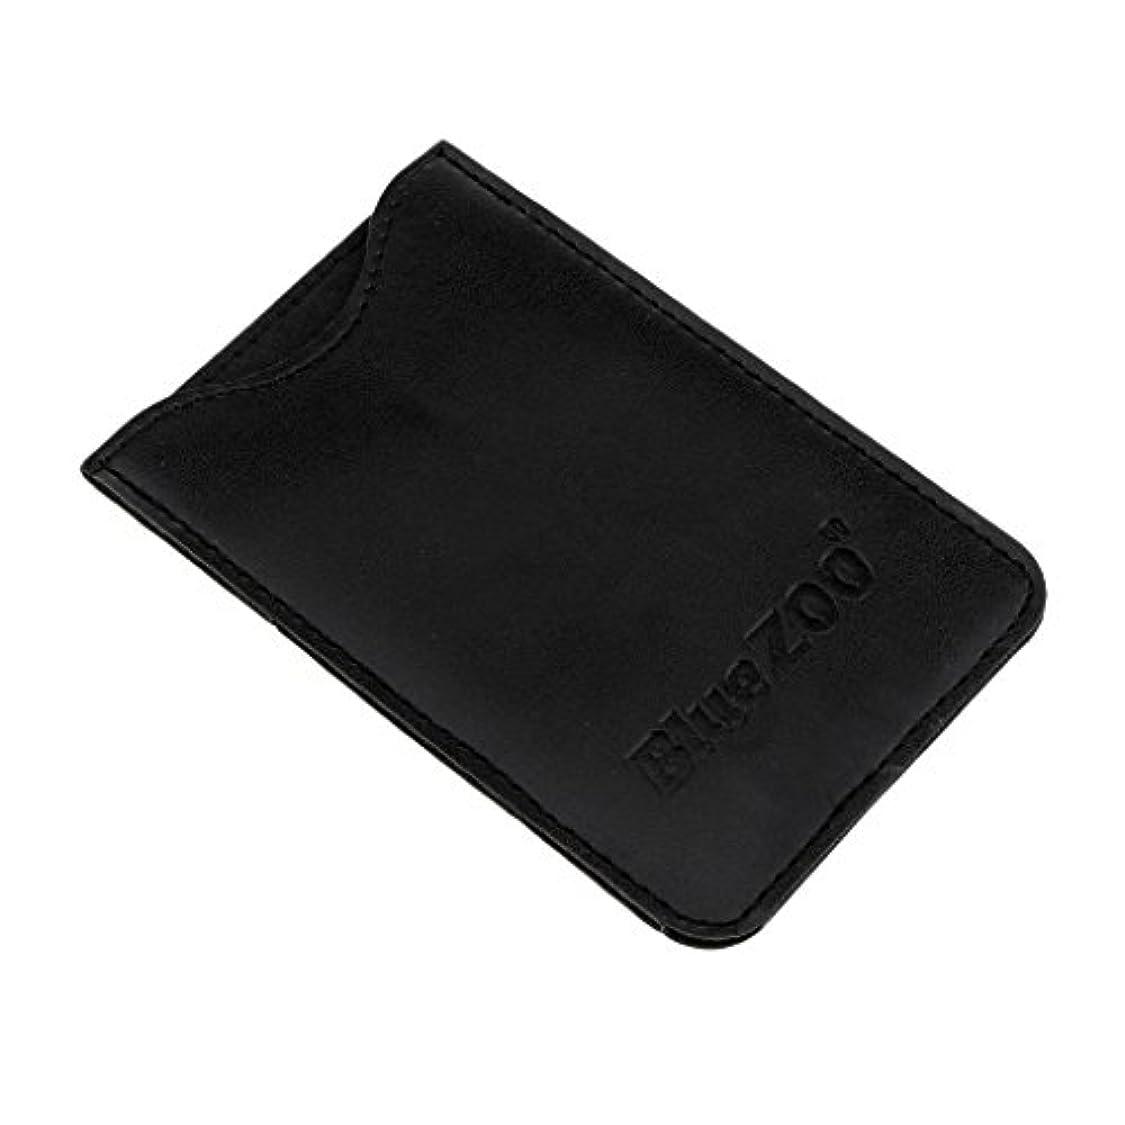 プレゼント変装した硬さPerfk PUレザー バッグ 収納ケース 保護カバー 櫛/名刺/IDカード/銀行カード 収納パック 便利 全2色  - ブラック